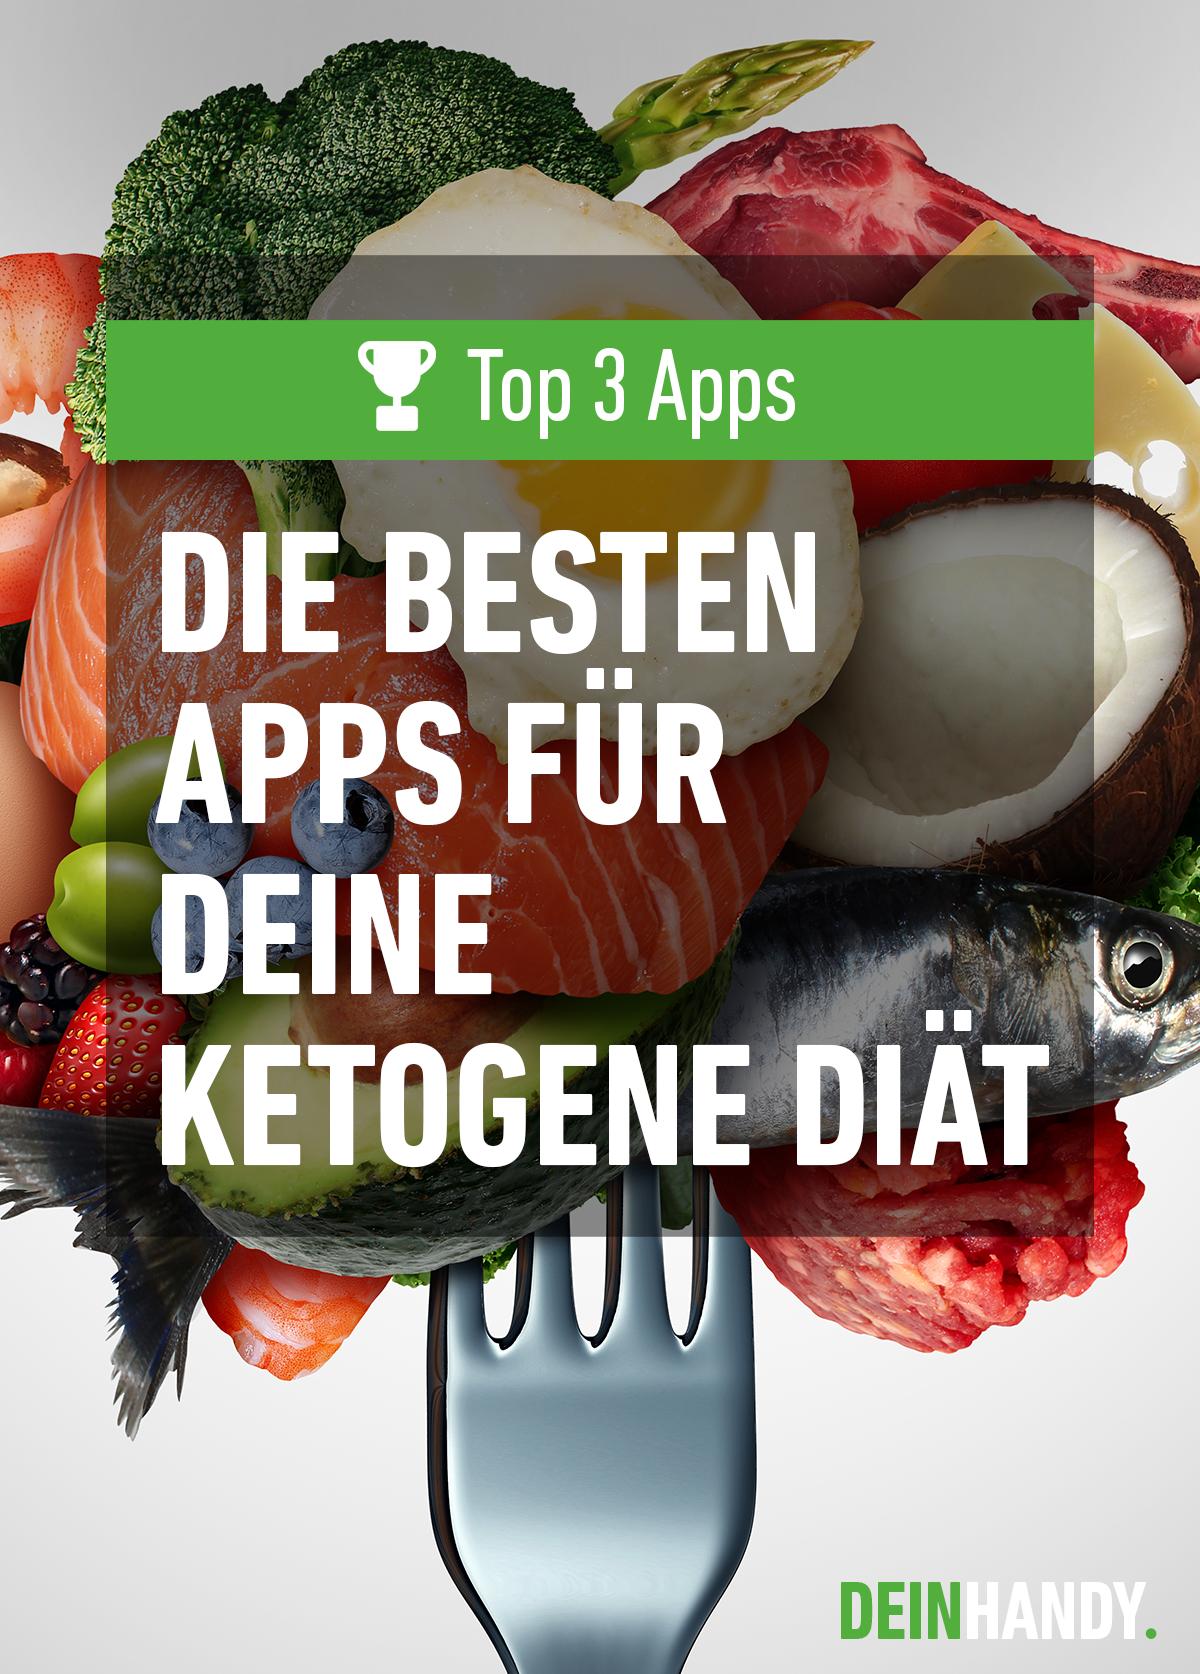 Keto App 3 Kostenlose Apps Fur Deine Ketogene Ernahrung Apps Kostenlose Apps Coole Apps